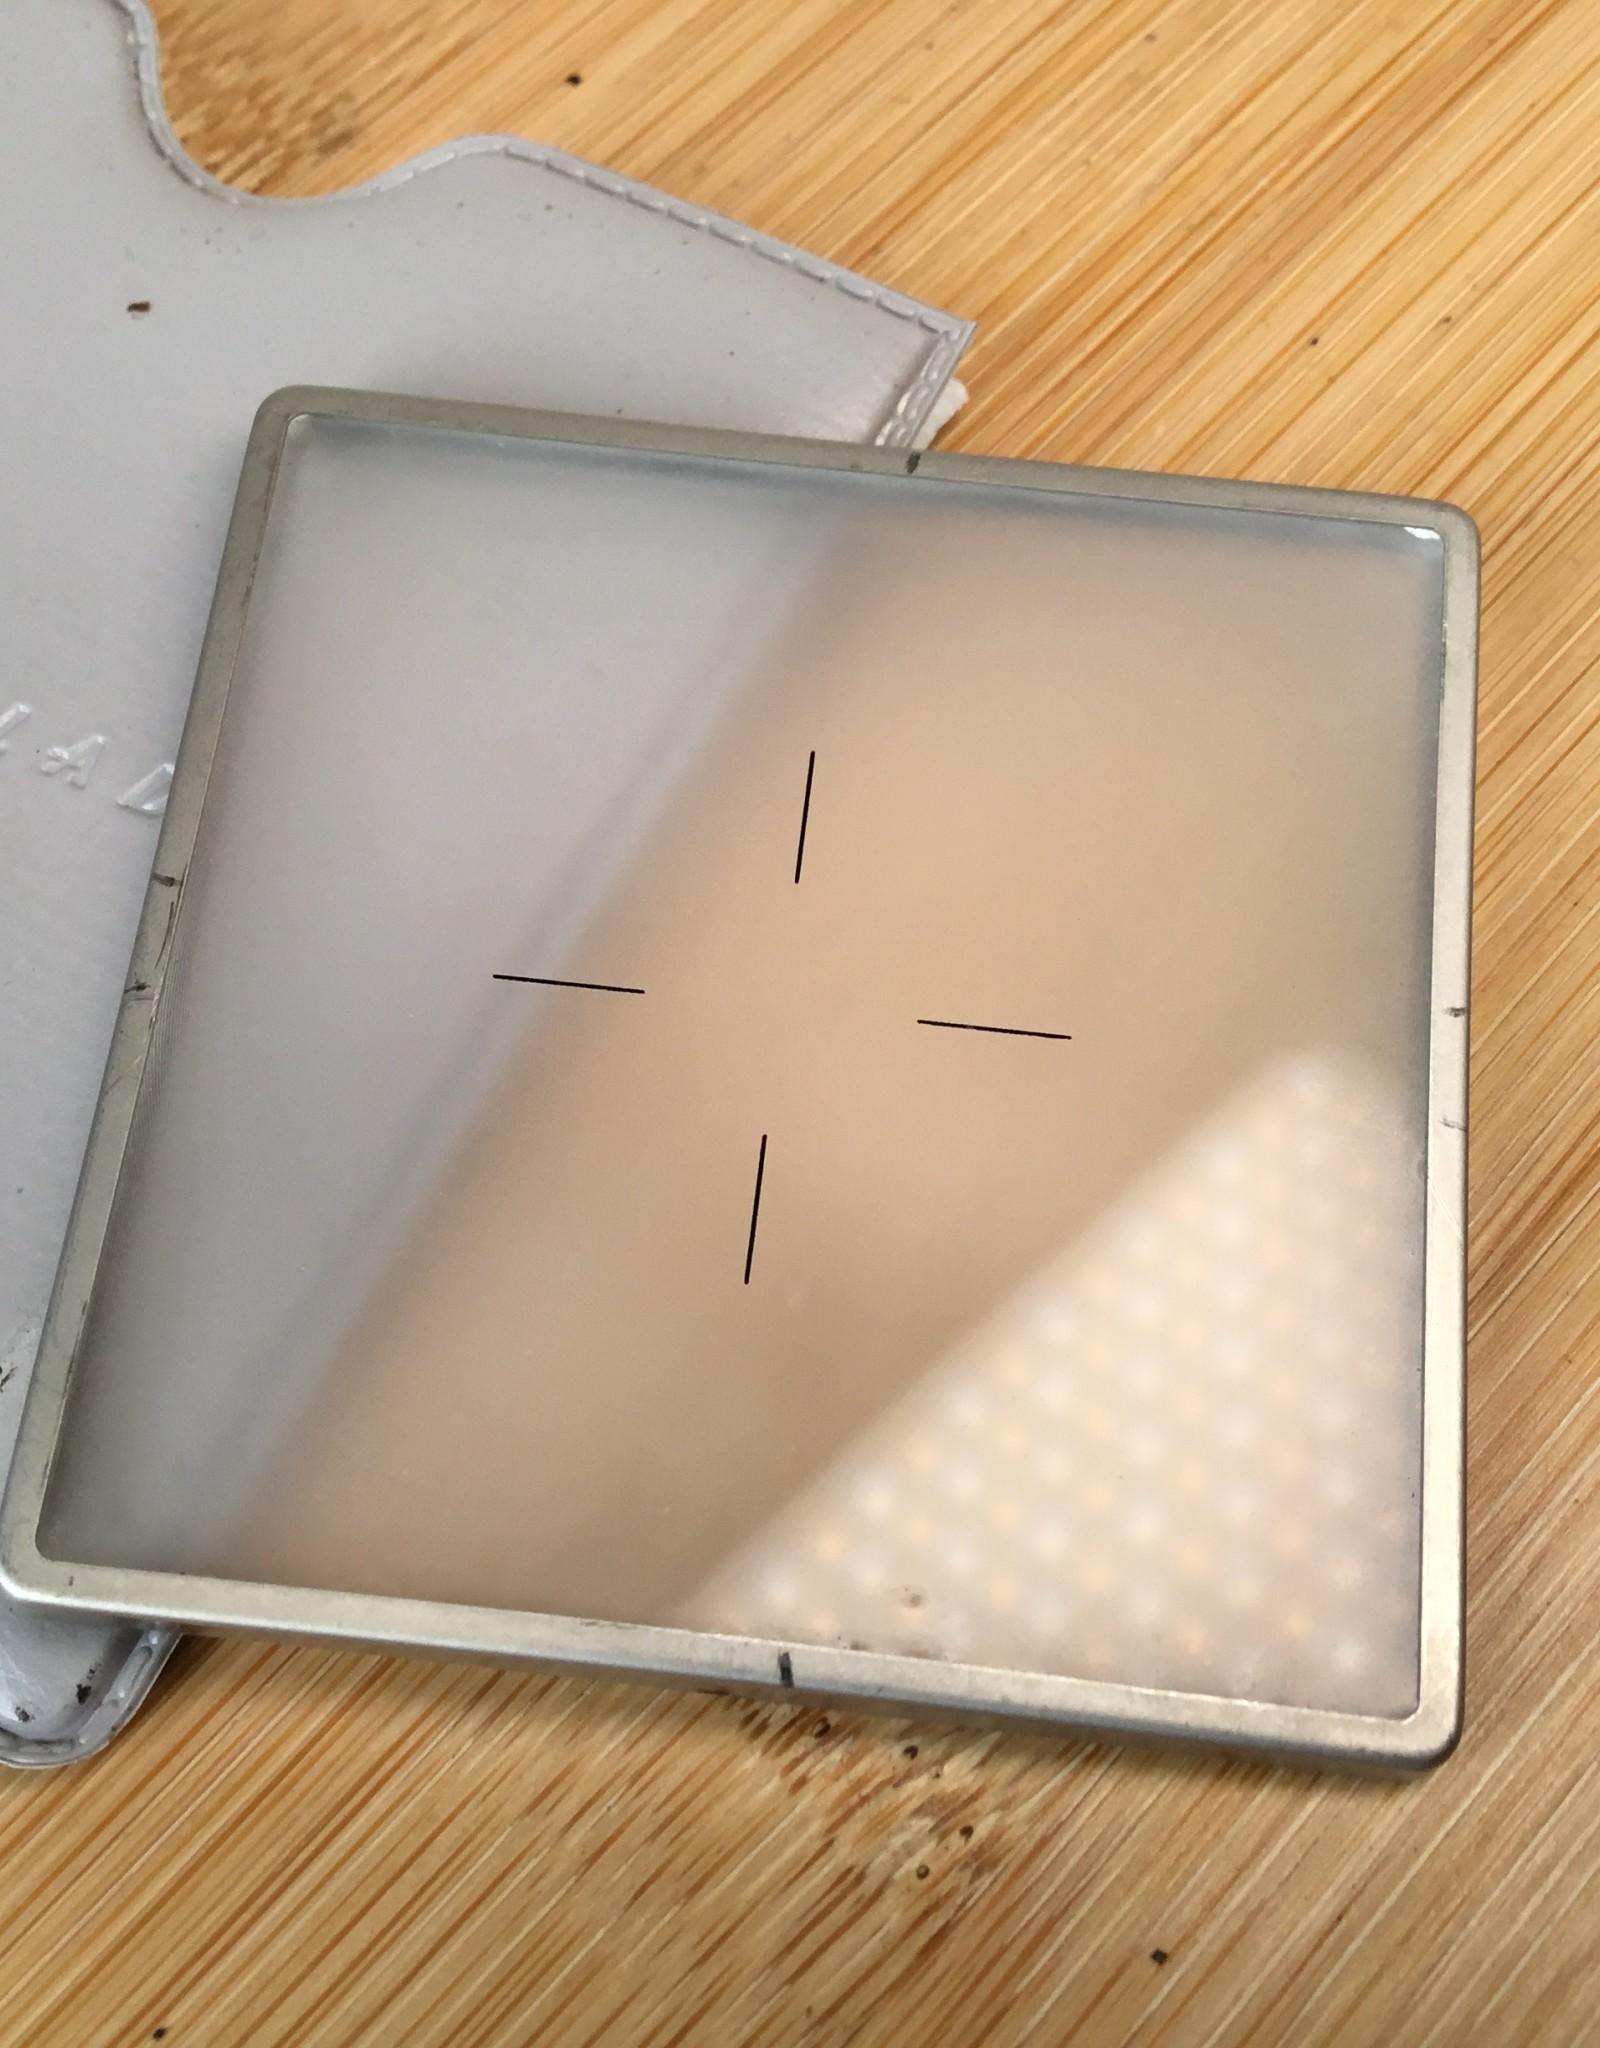 hasselblad Hasselblad Focusing Screen Used EX